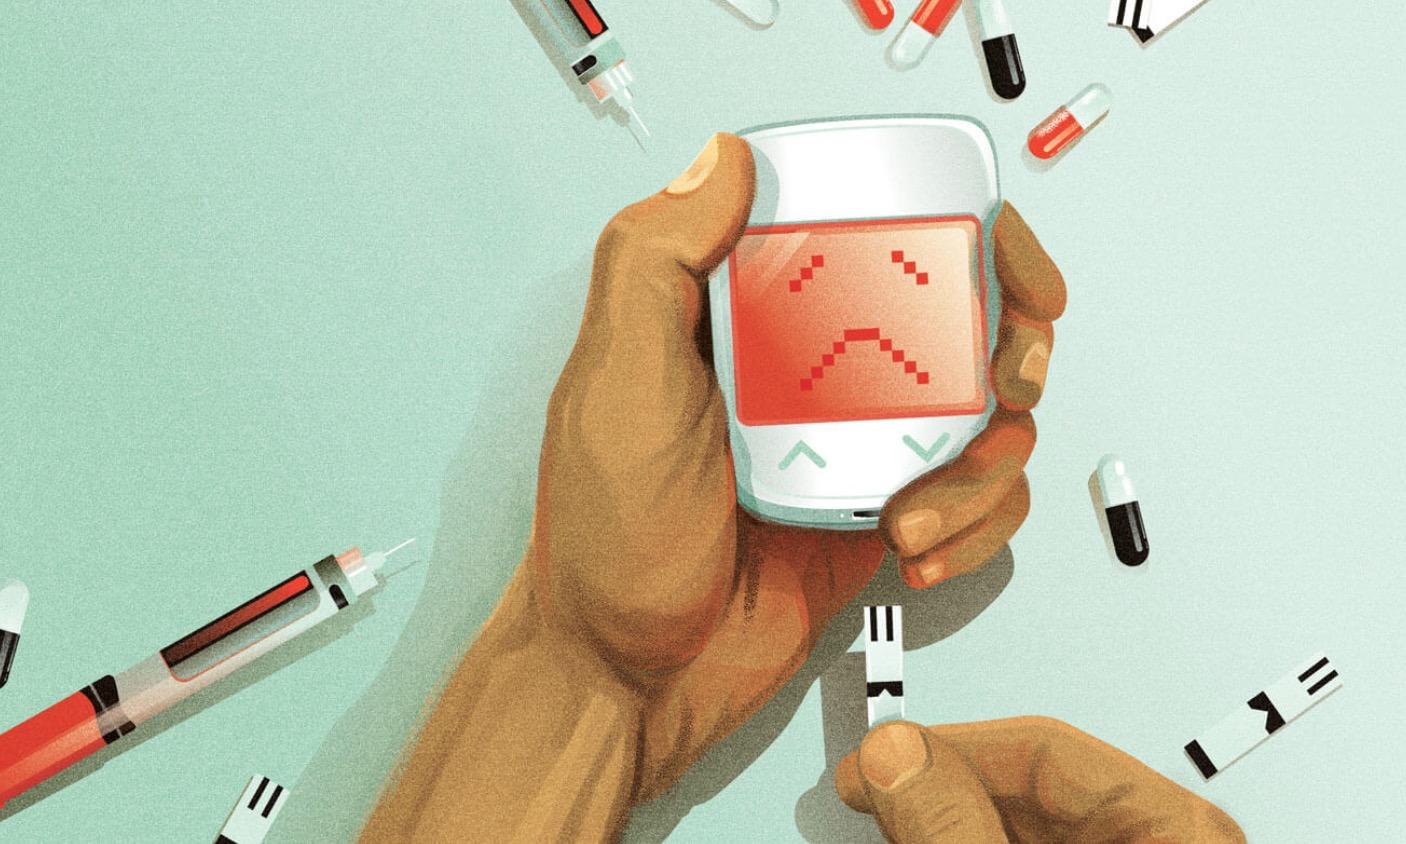 Hacking Diabetes